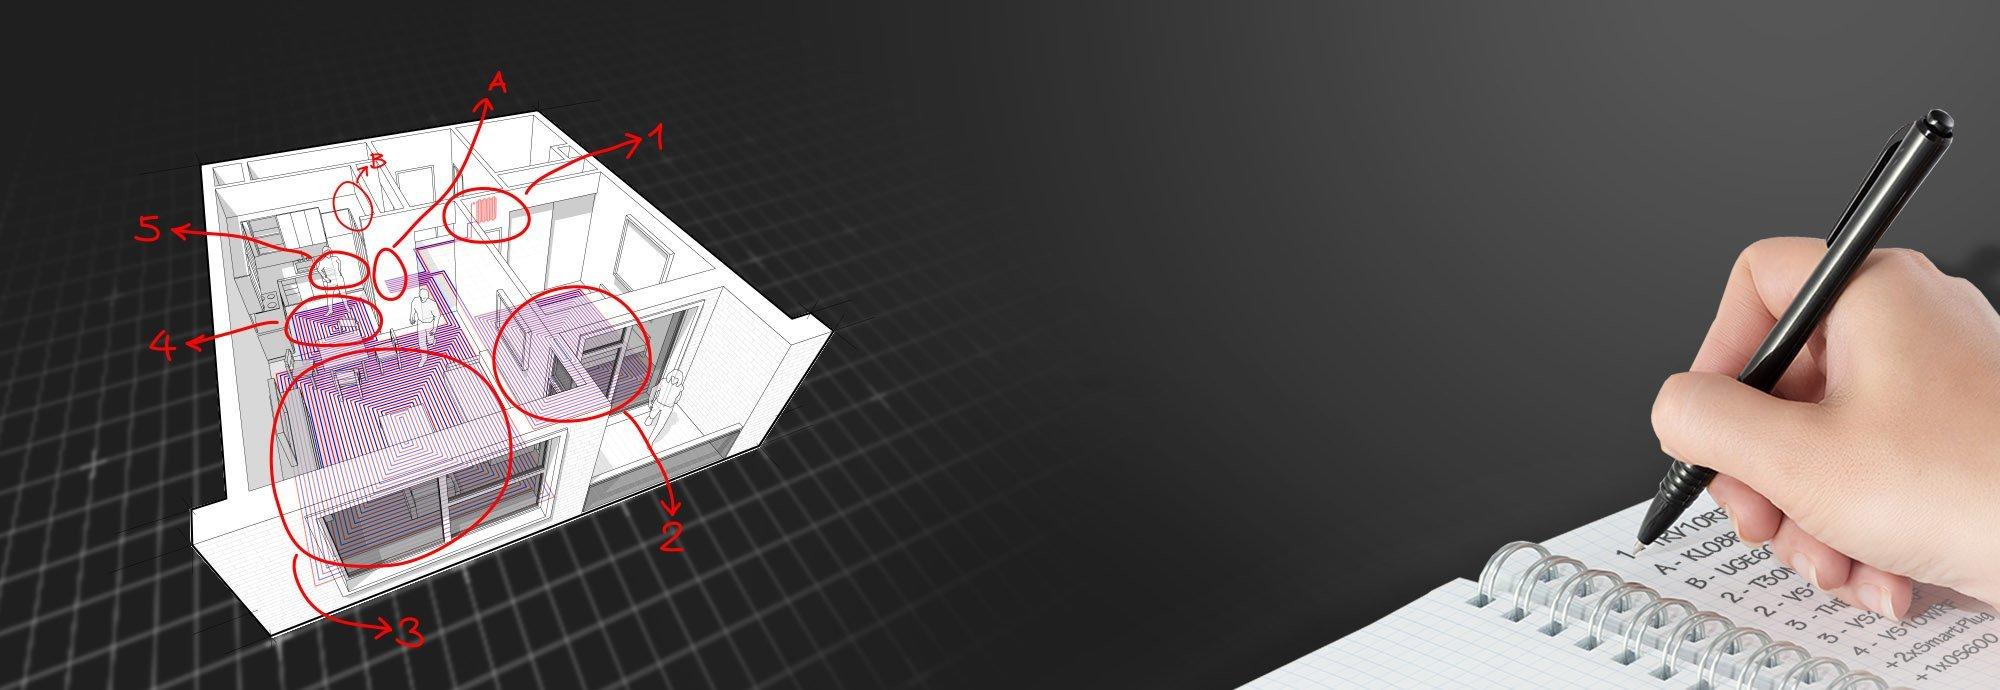 Подберите свою систему iT600   Конфигуратор Вашей системы